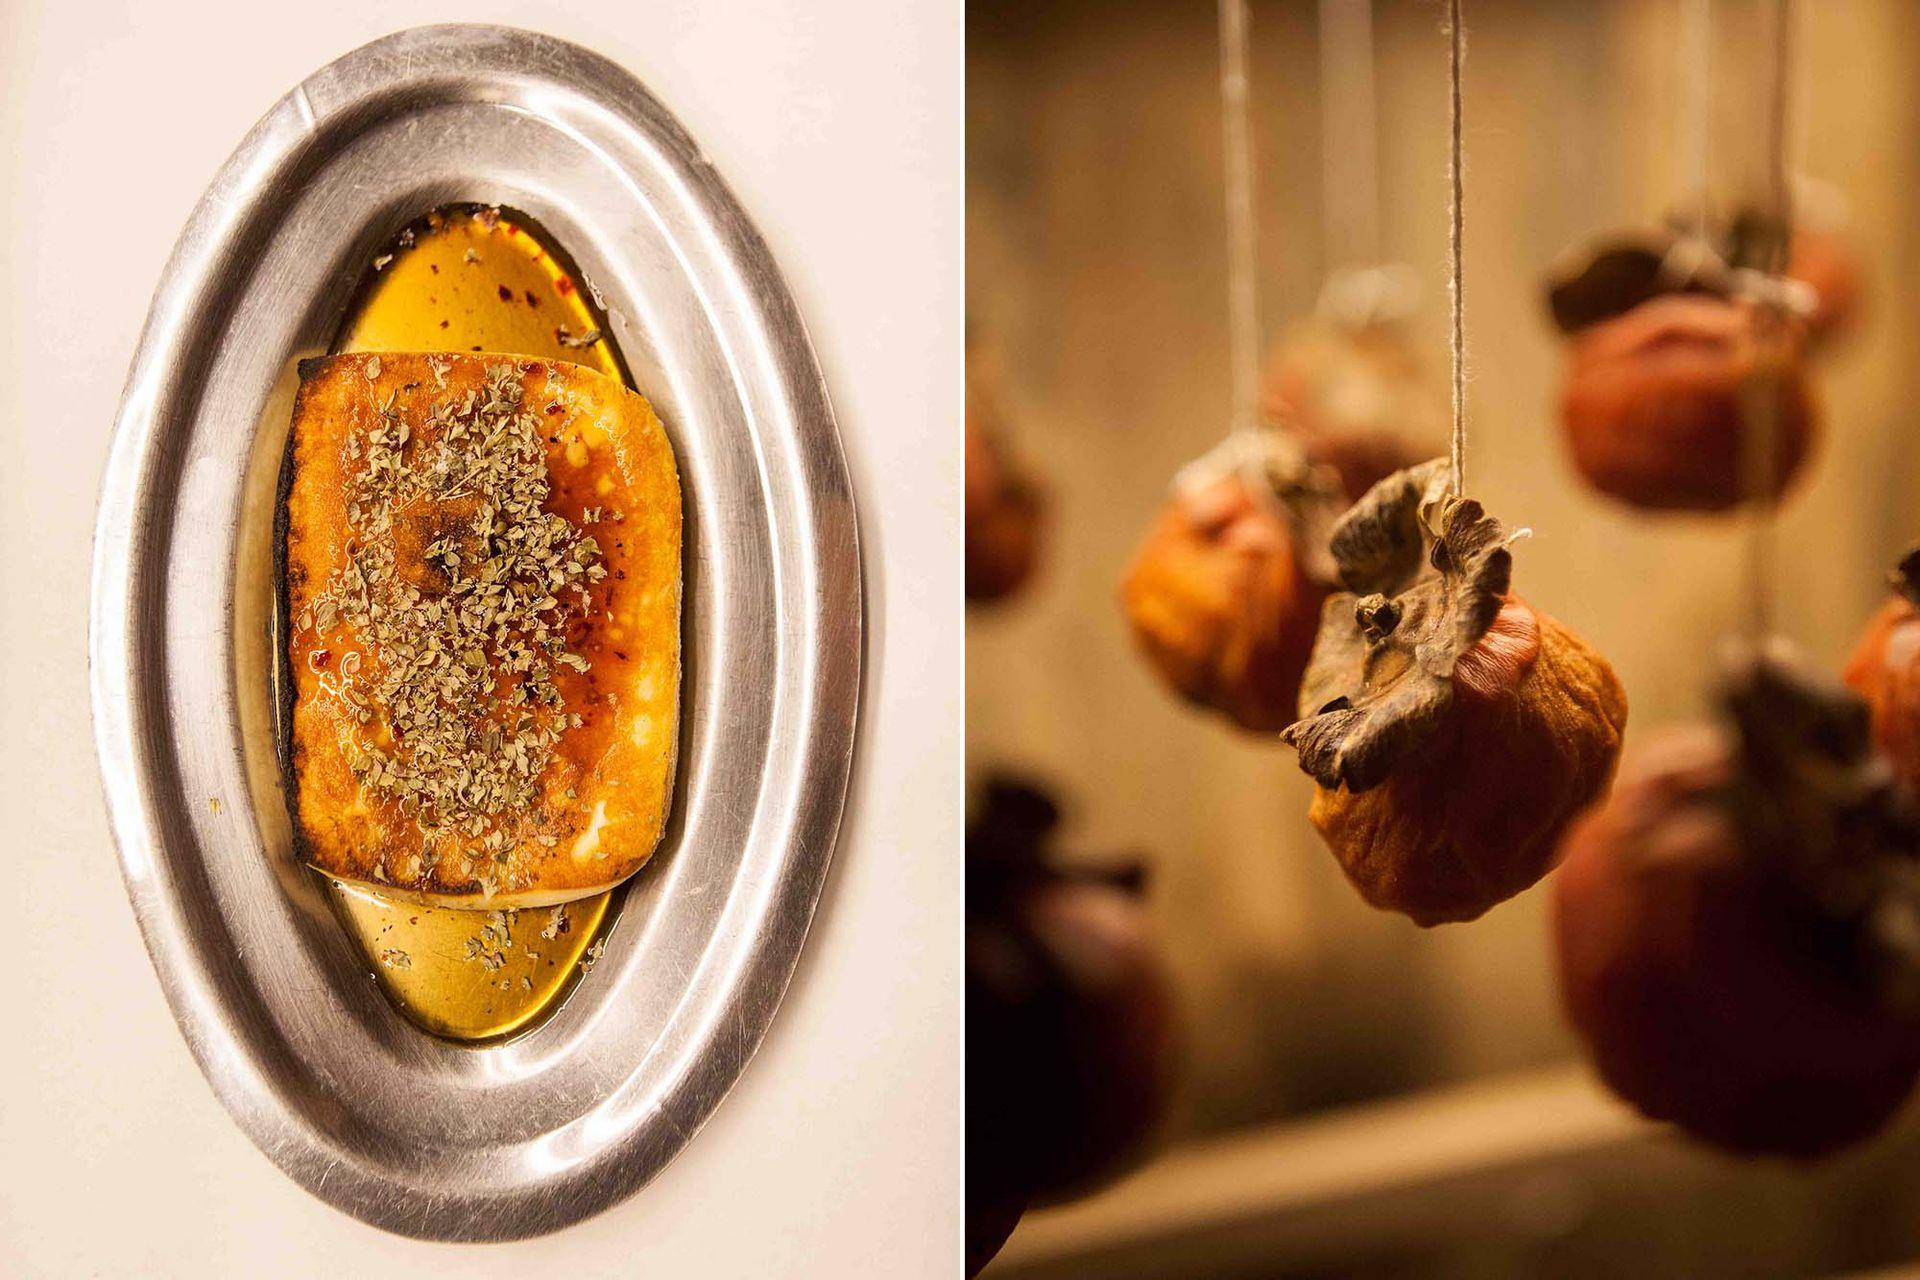 Cada plato tiene un juego de sabores y texturas que conforman un engranaje perfecto.